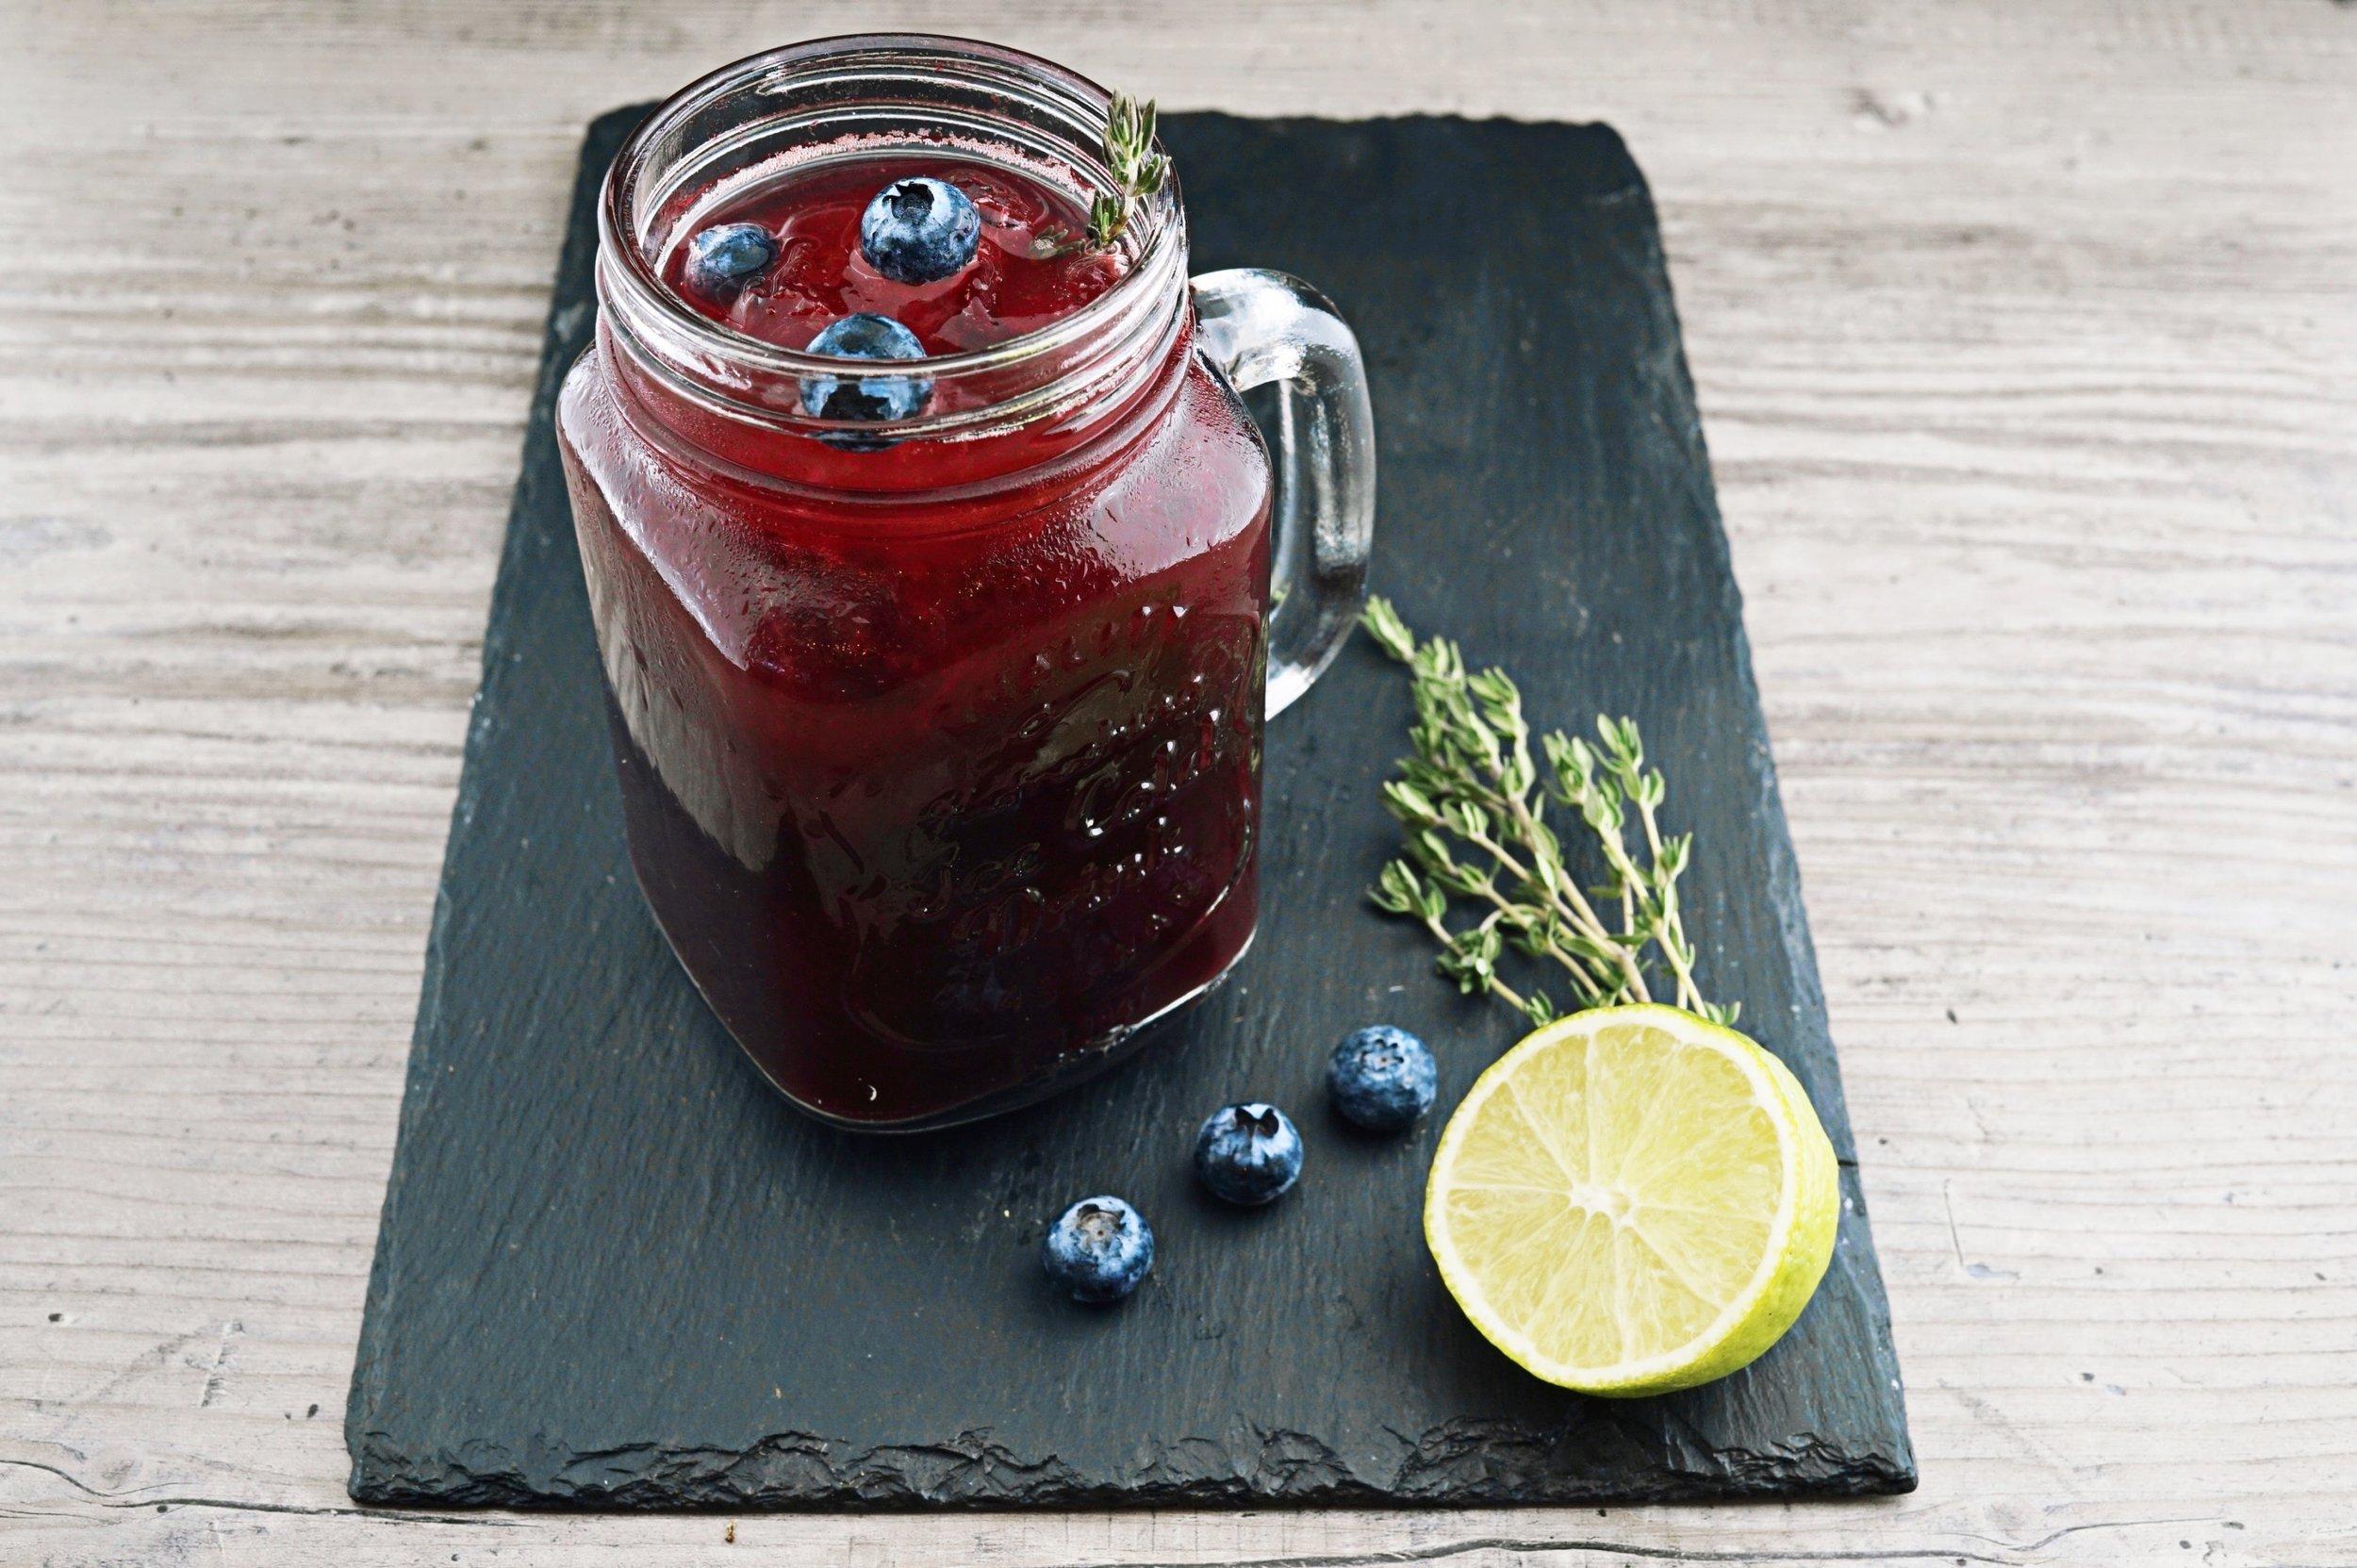 Jam in cocktails